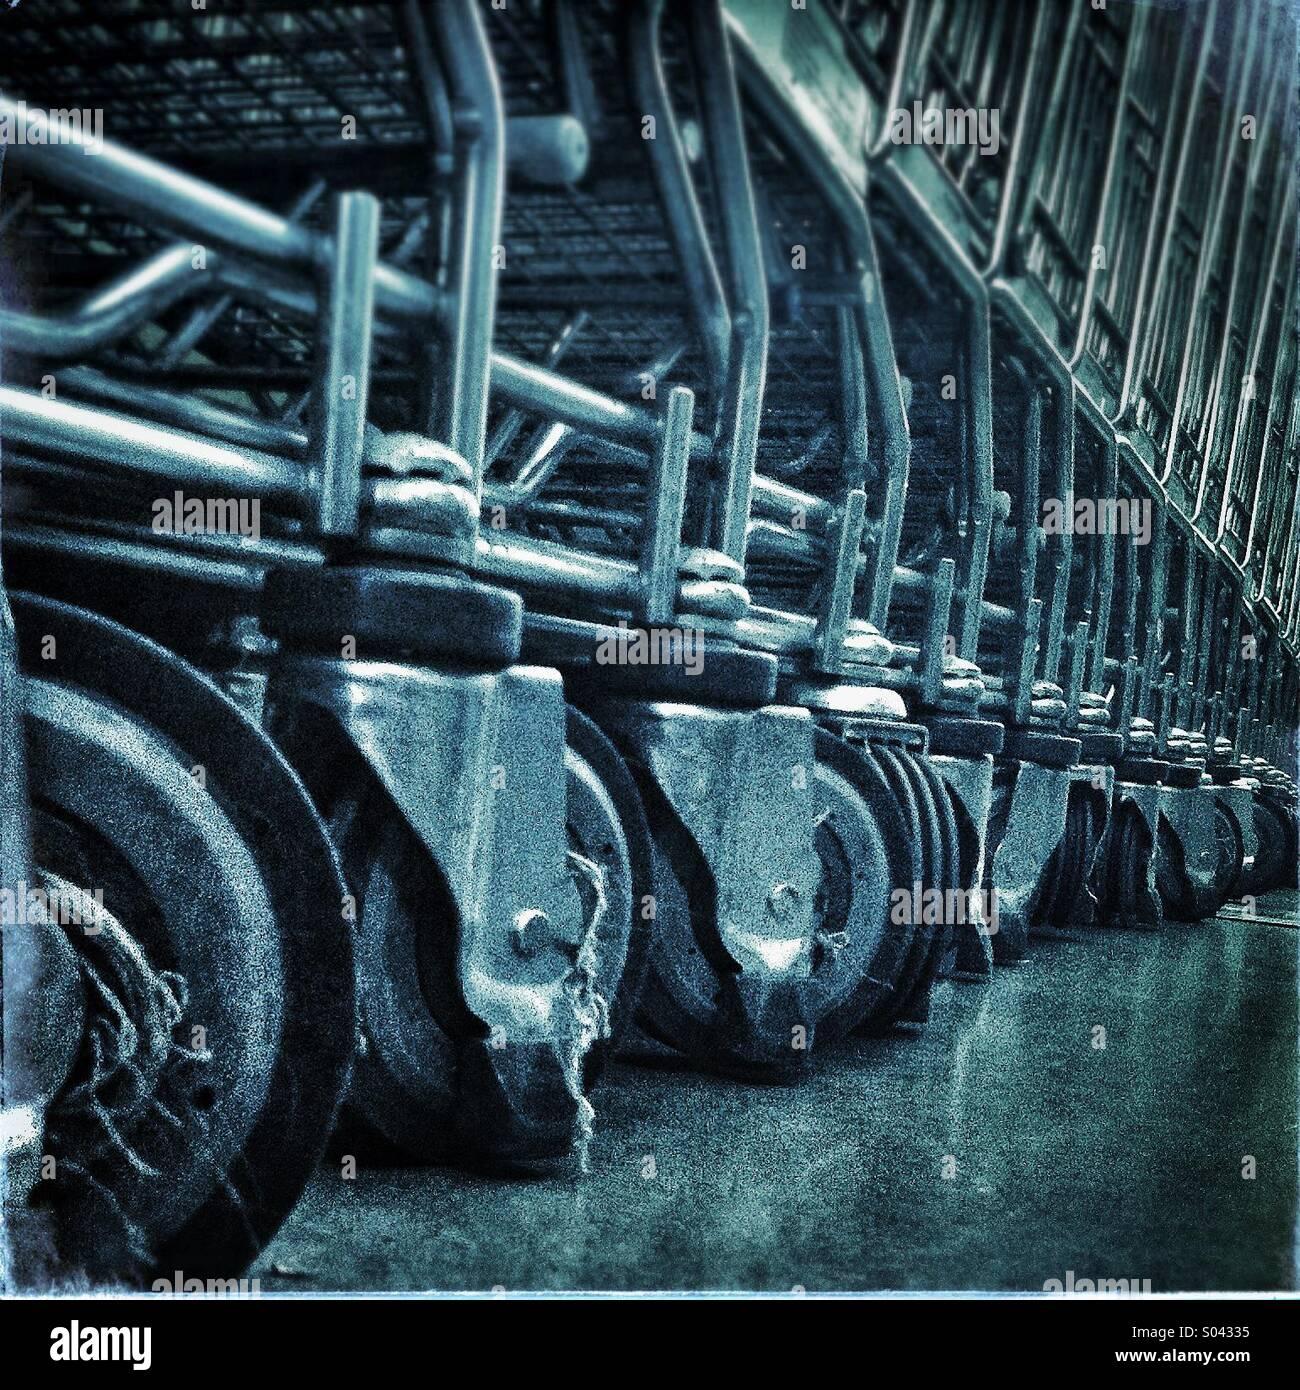 Stacked supermarket shopping carts - Stock Image